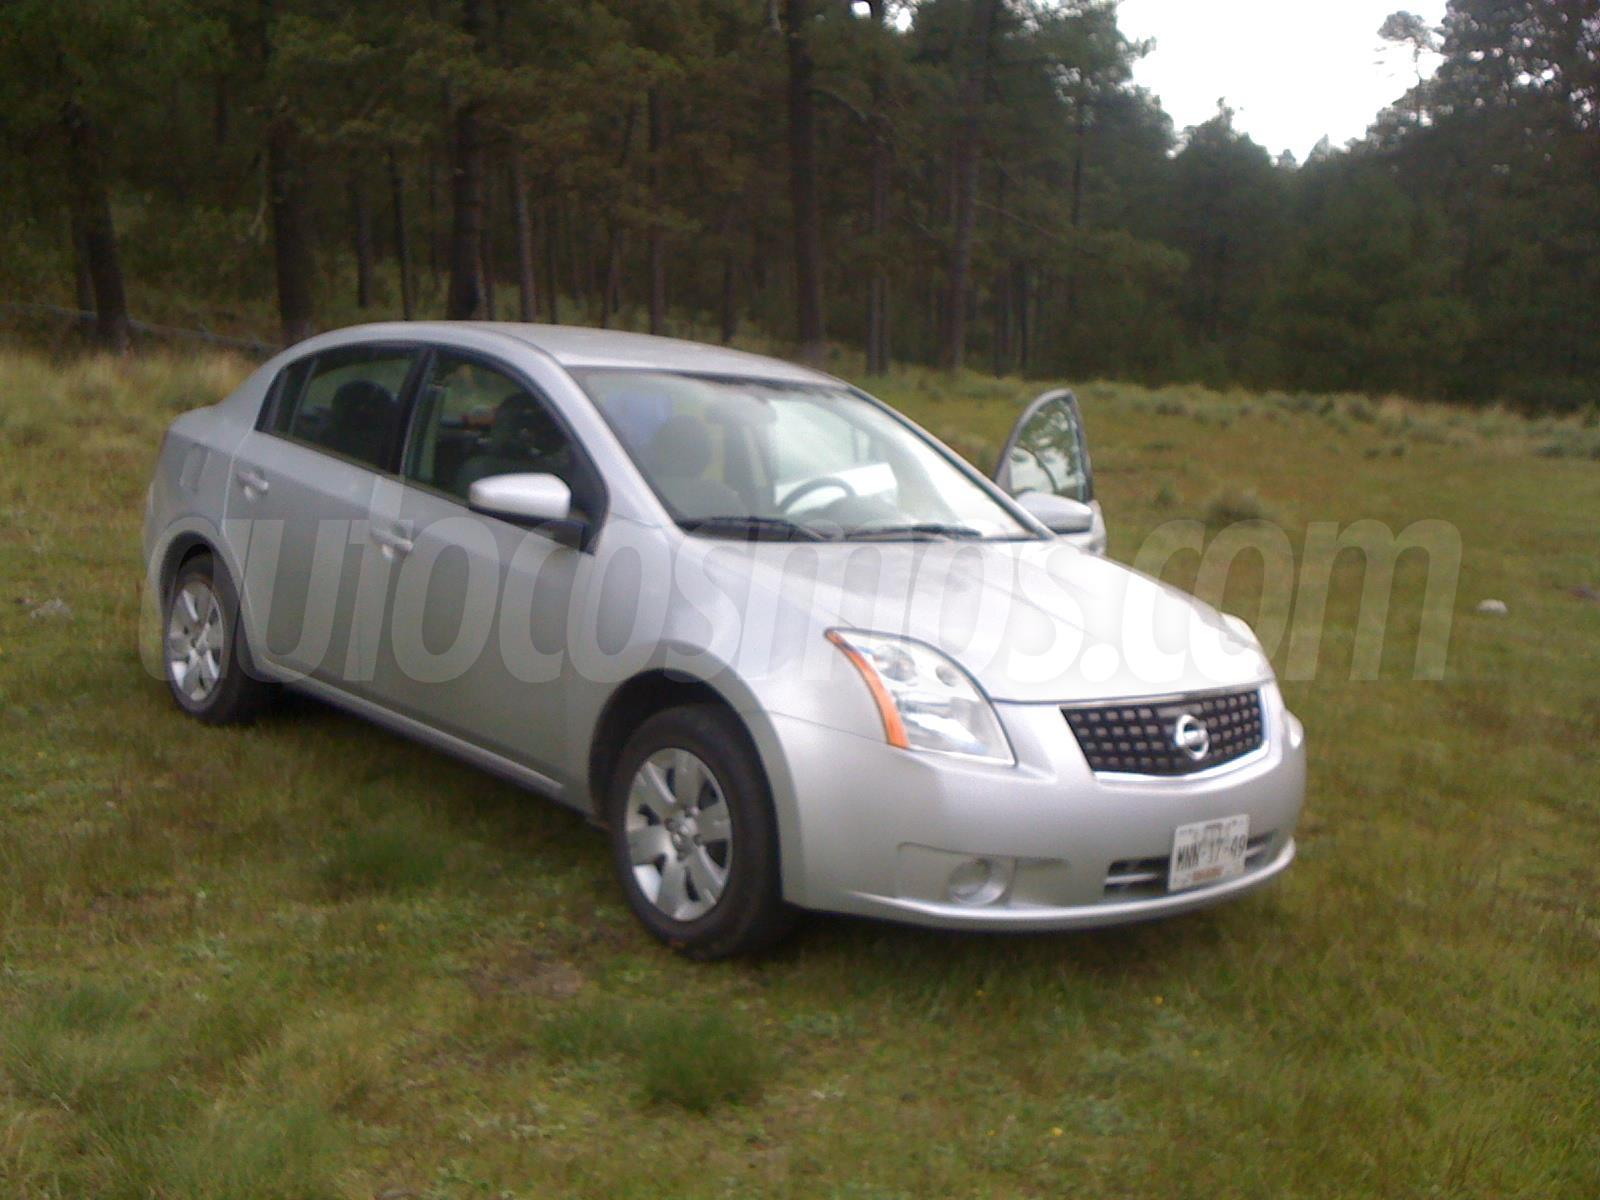 Venta autos usado - Estado de Mexico - Nissan Sentra Custom